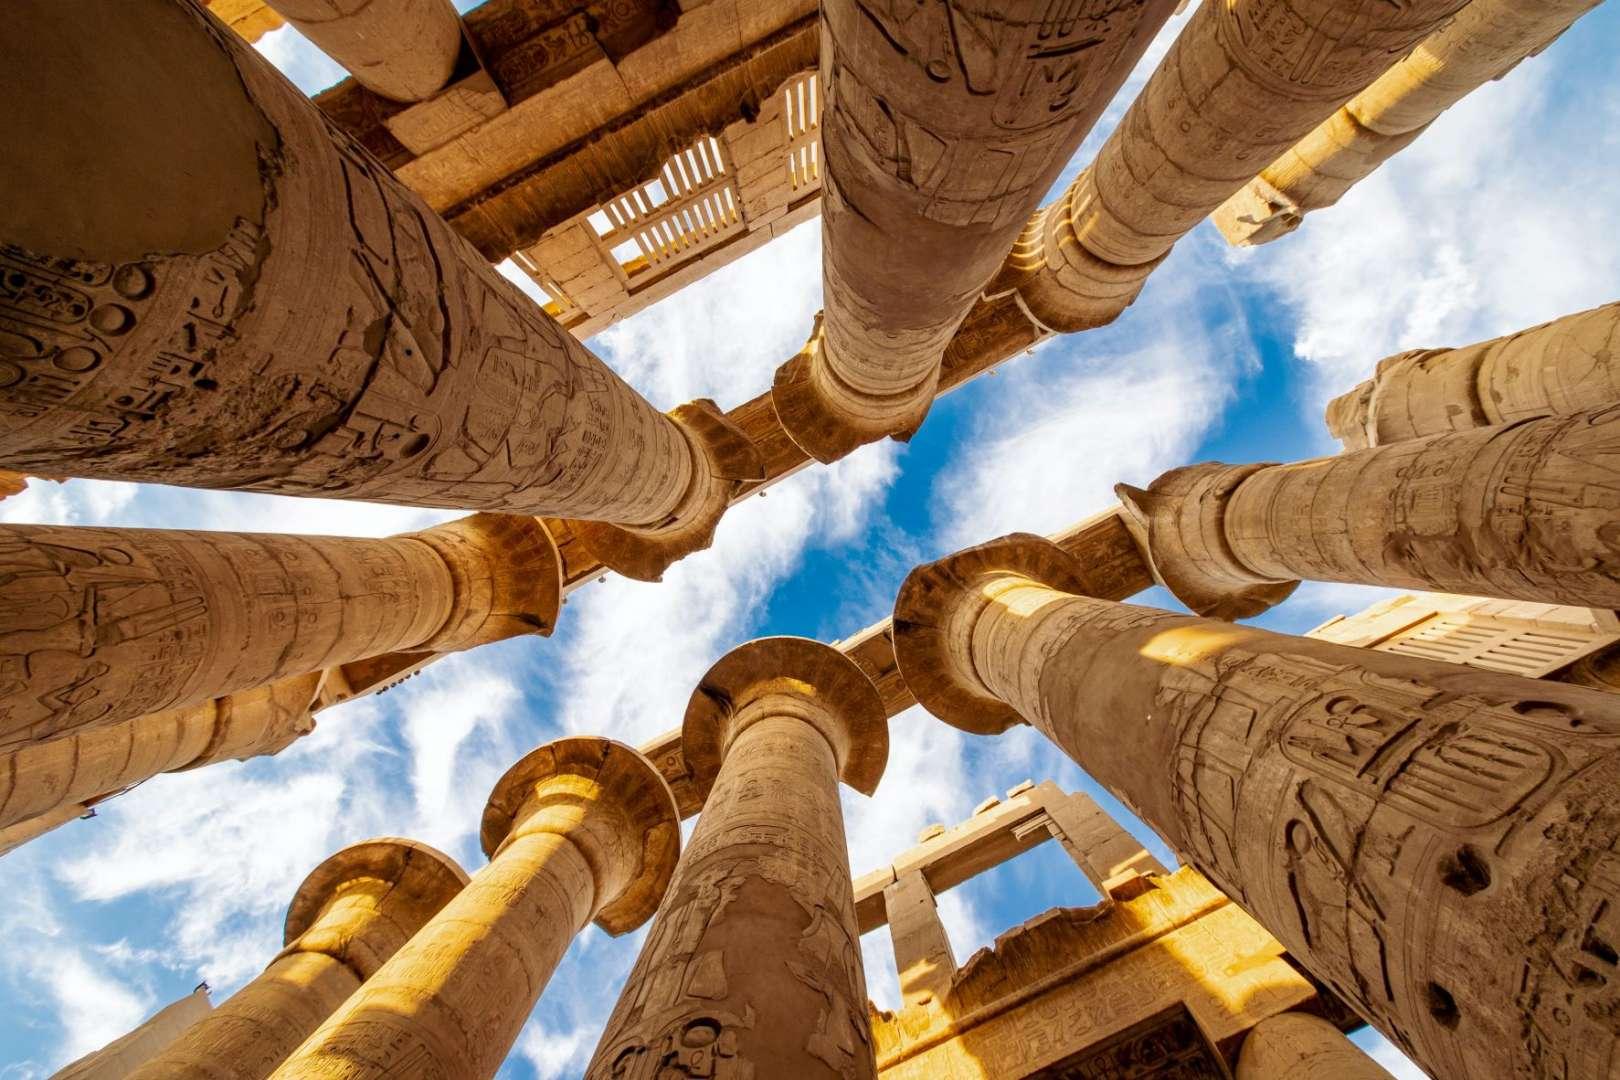 fcdo-advice-against-egypt